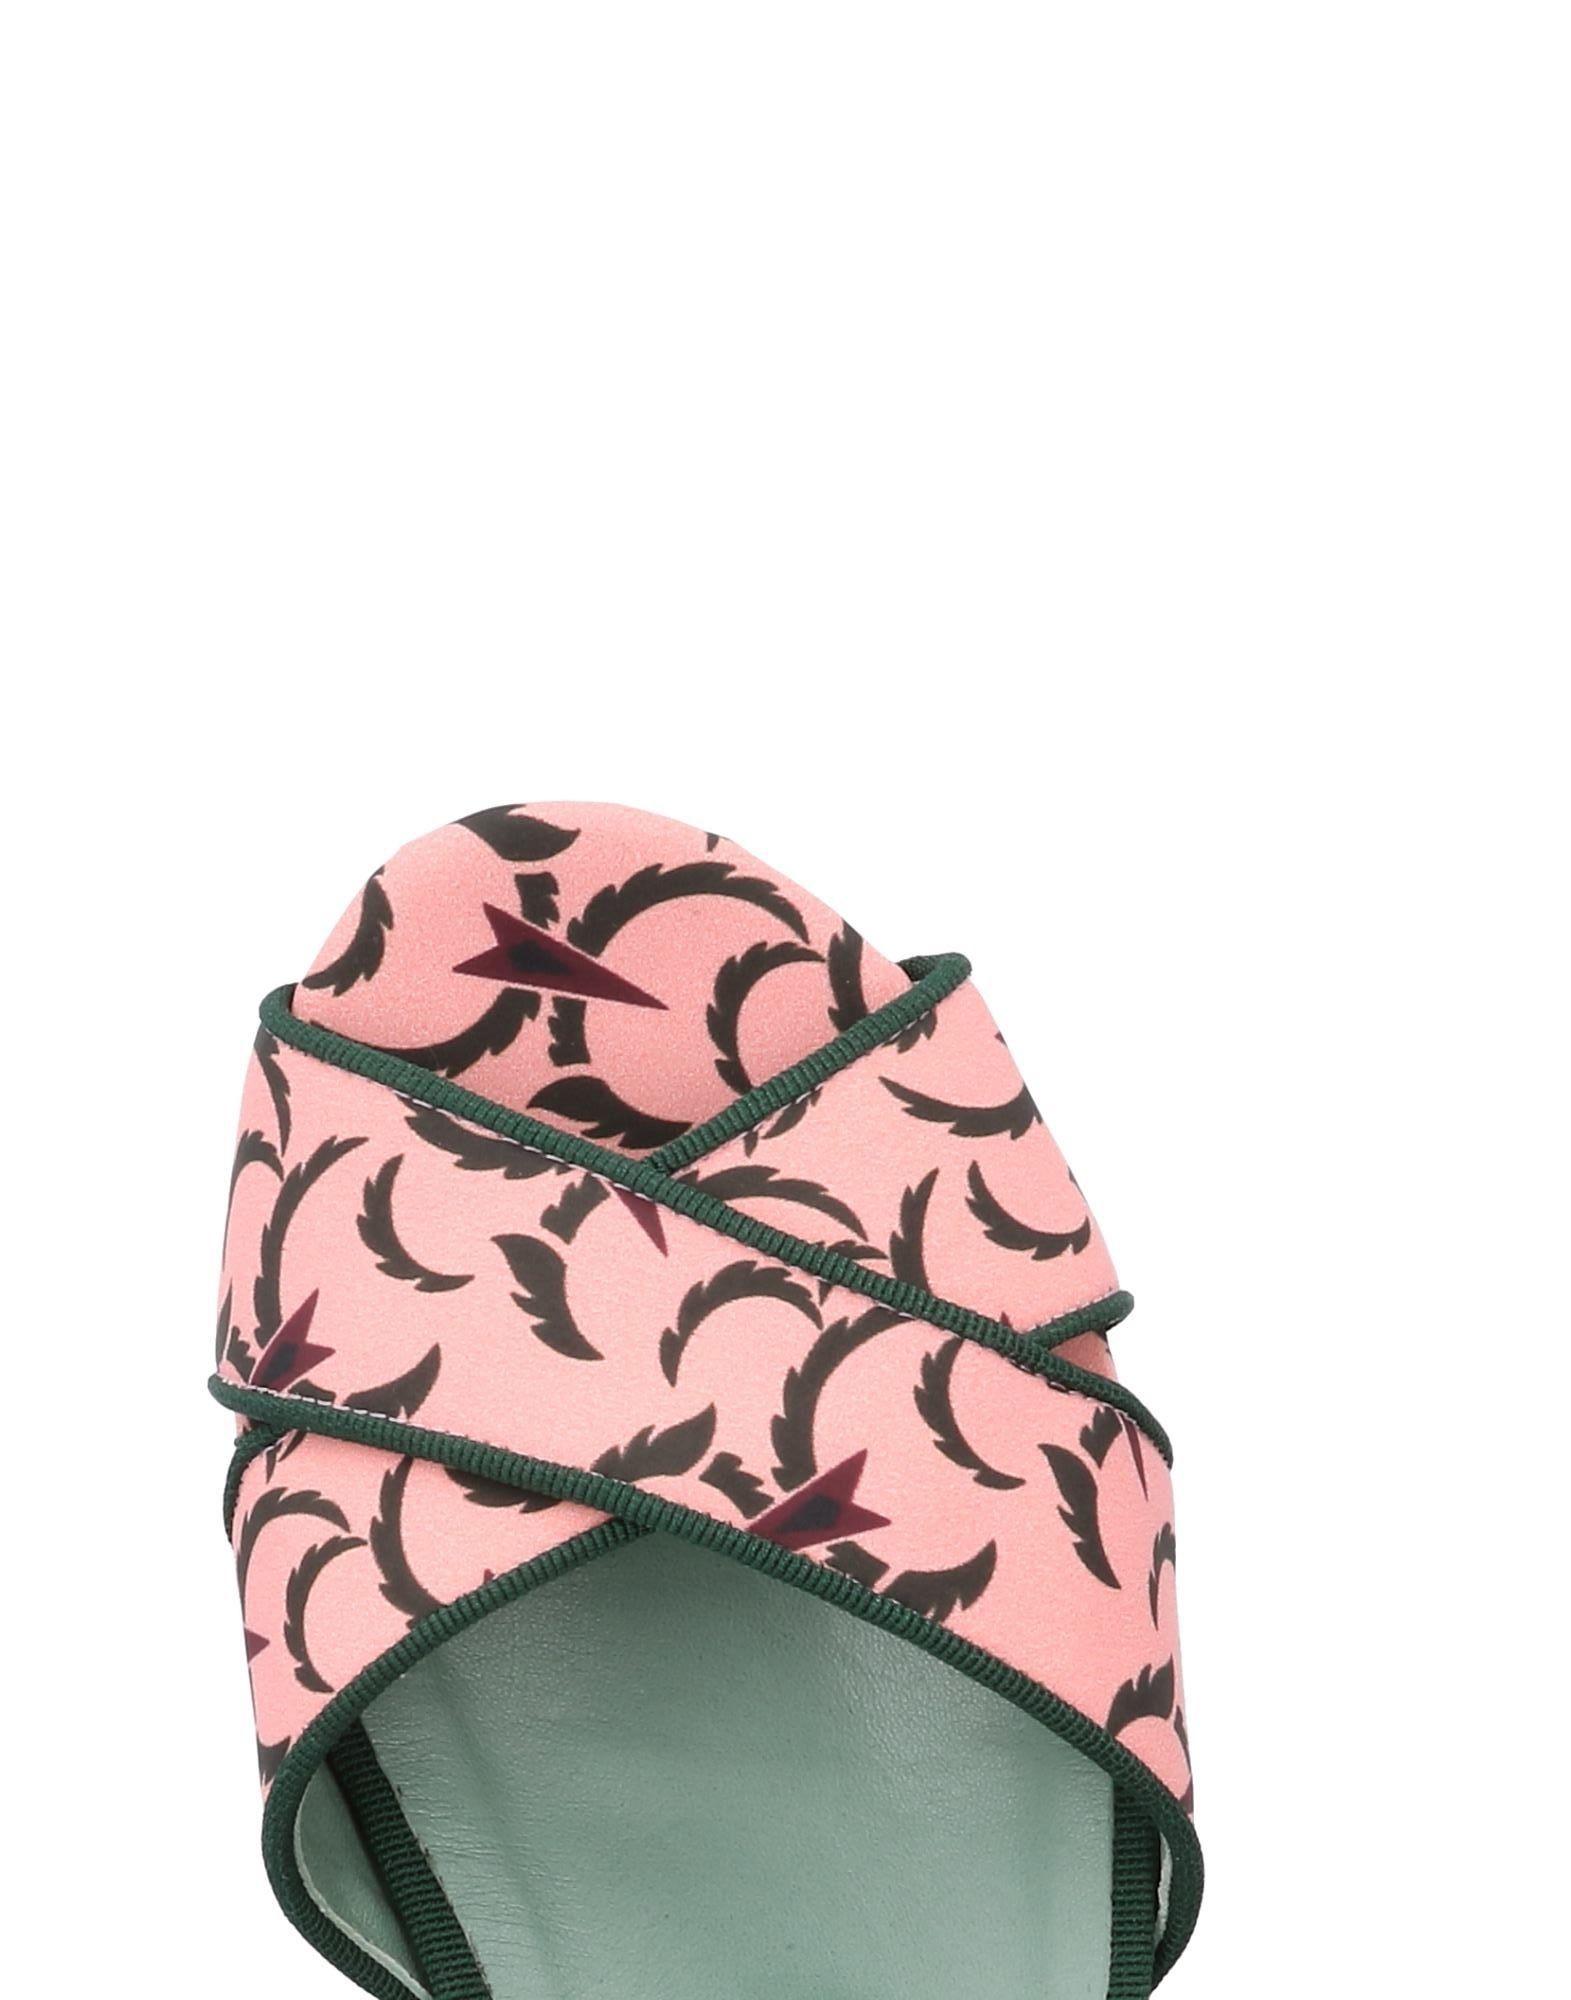 f2220f1b5c3 ... Laura Urbinati Sandals - - - Women Laura Urbinati Sandals online on  United Kingdom - 11379692TF